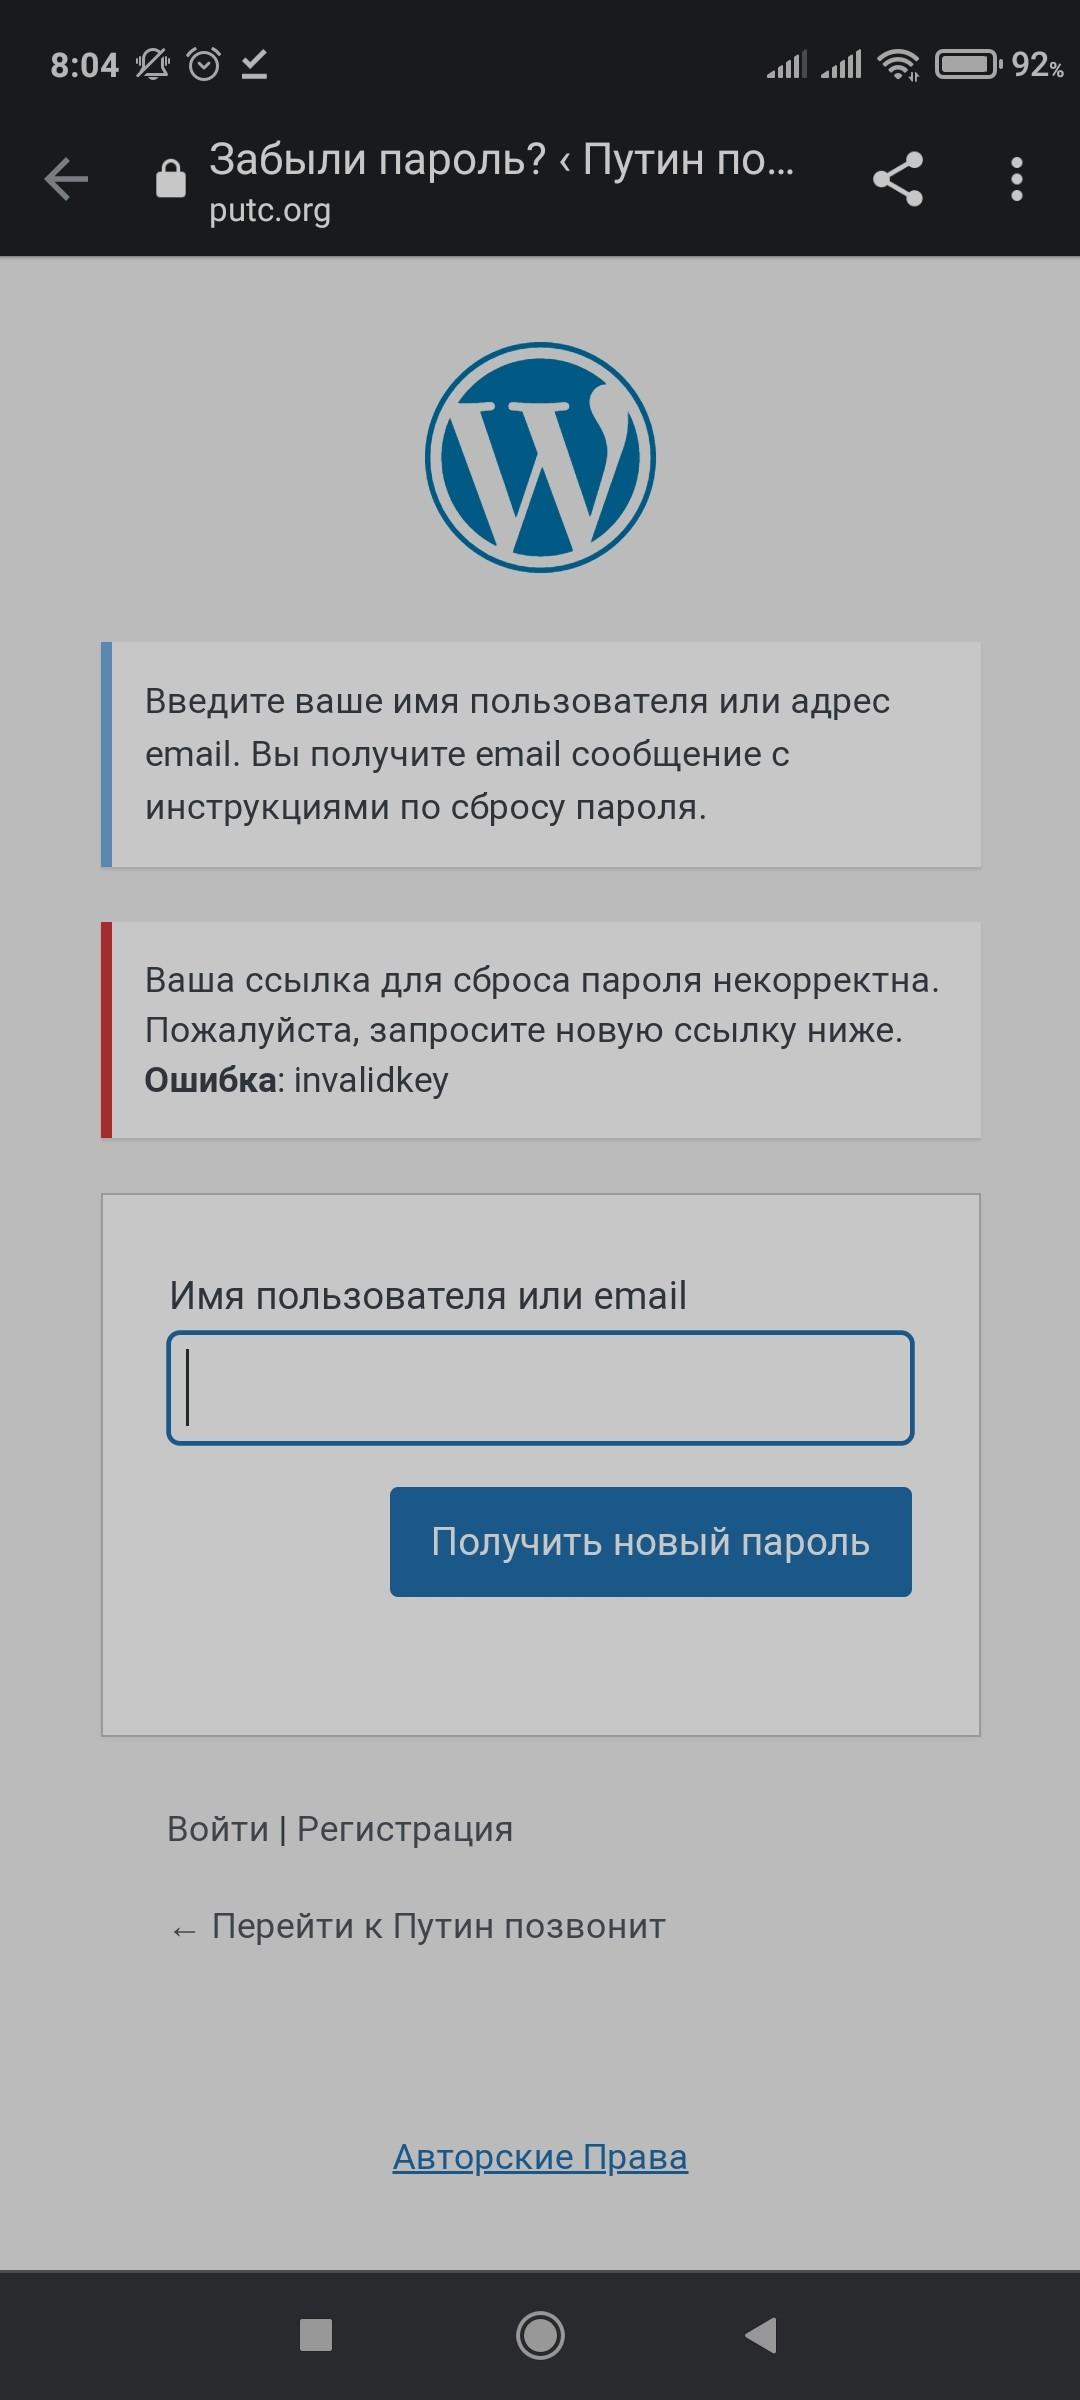 Screenshot_2021-03-27-08-04-25-205_com.android.chrome.jpg